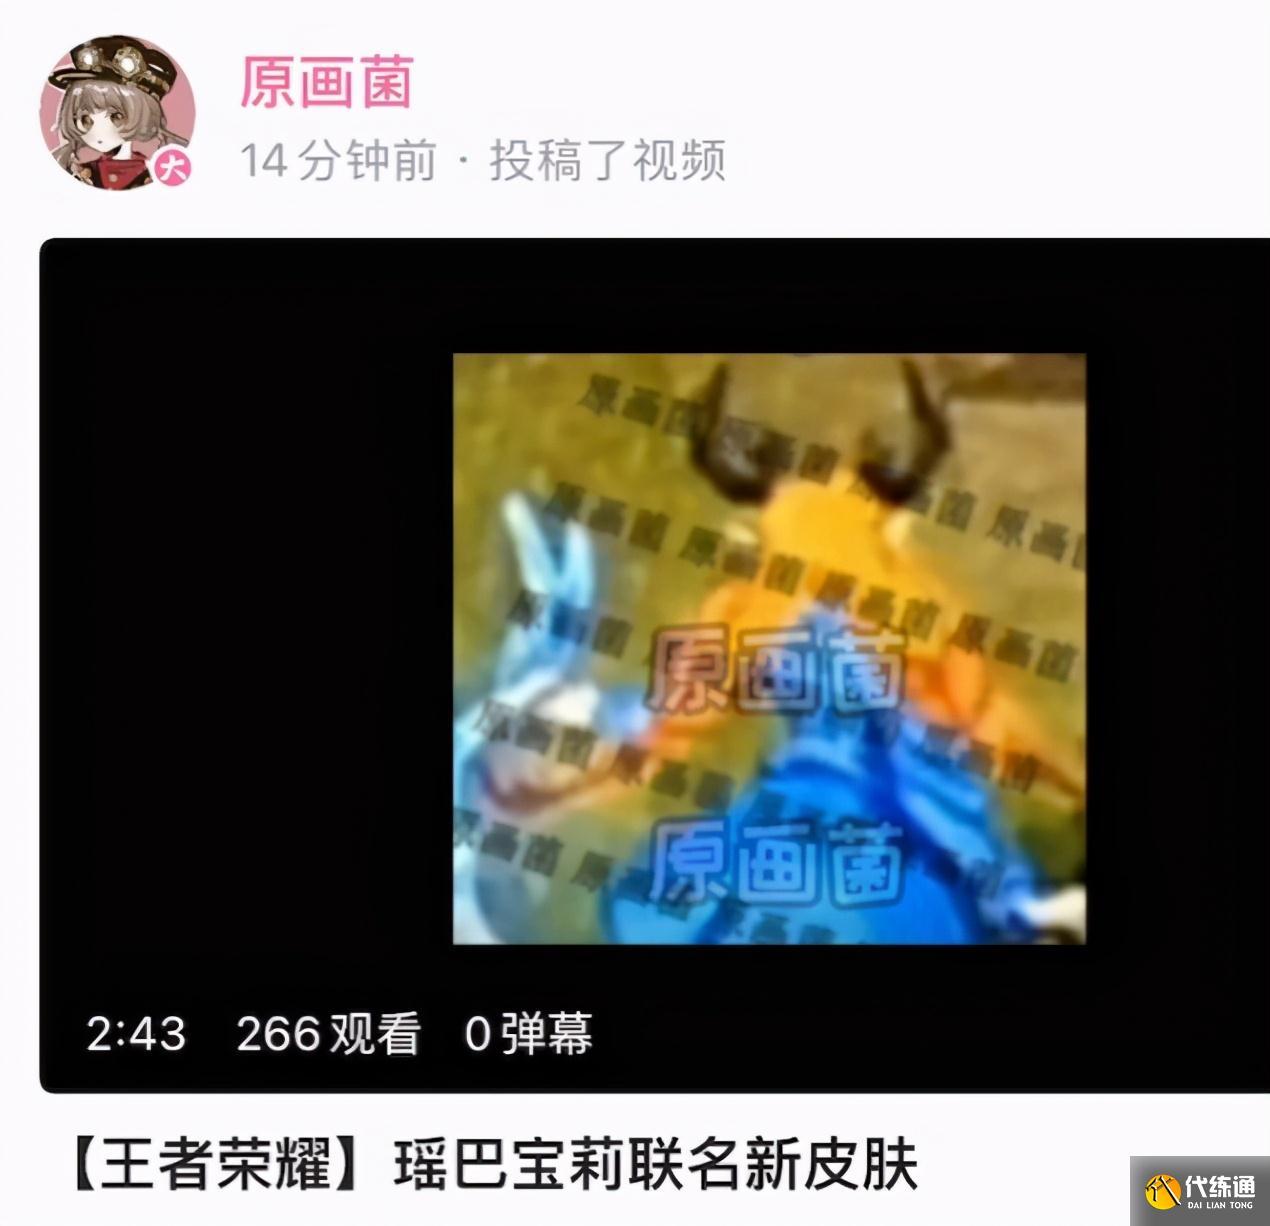 王者榮耀瑤妹喜提巴寶莉聯名,確定藍衣金發,玩家:或許是傳說?